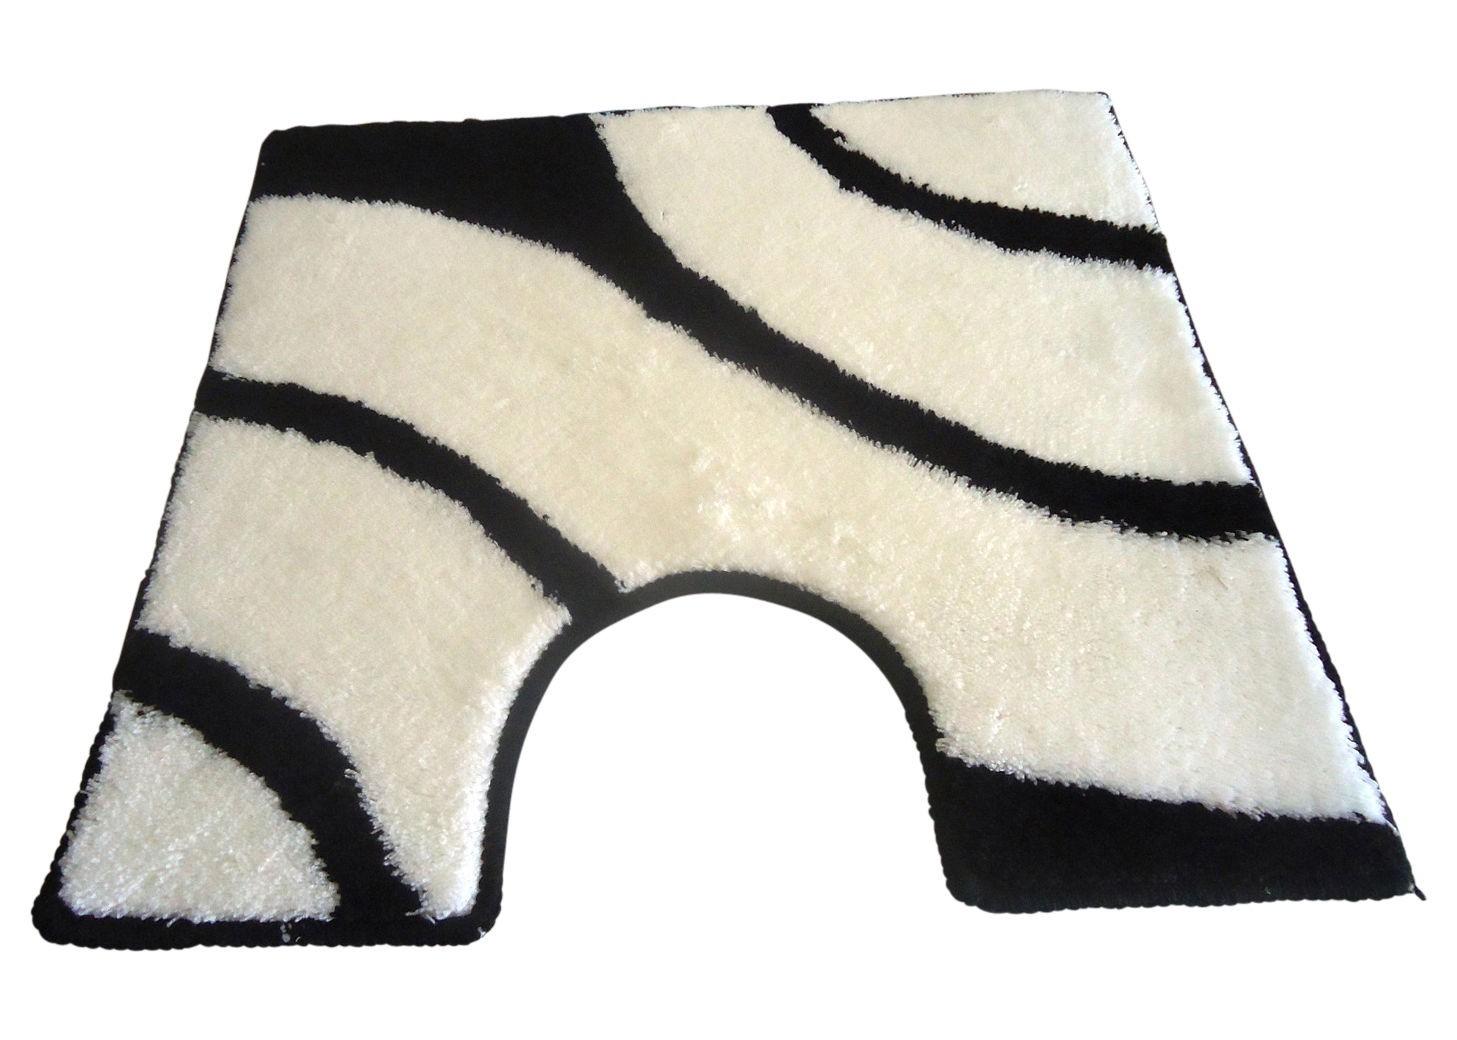 wc vorleger rondo schwarz wei 60x60cm mit ausschnitt von batex bad badteppiche wc vorleger mit. Black Bedroom Furniture Sets. Home Design Ideas